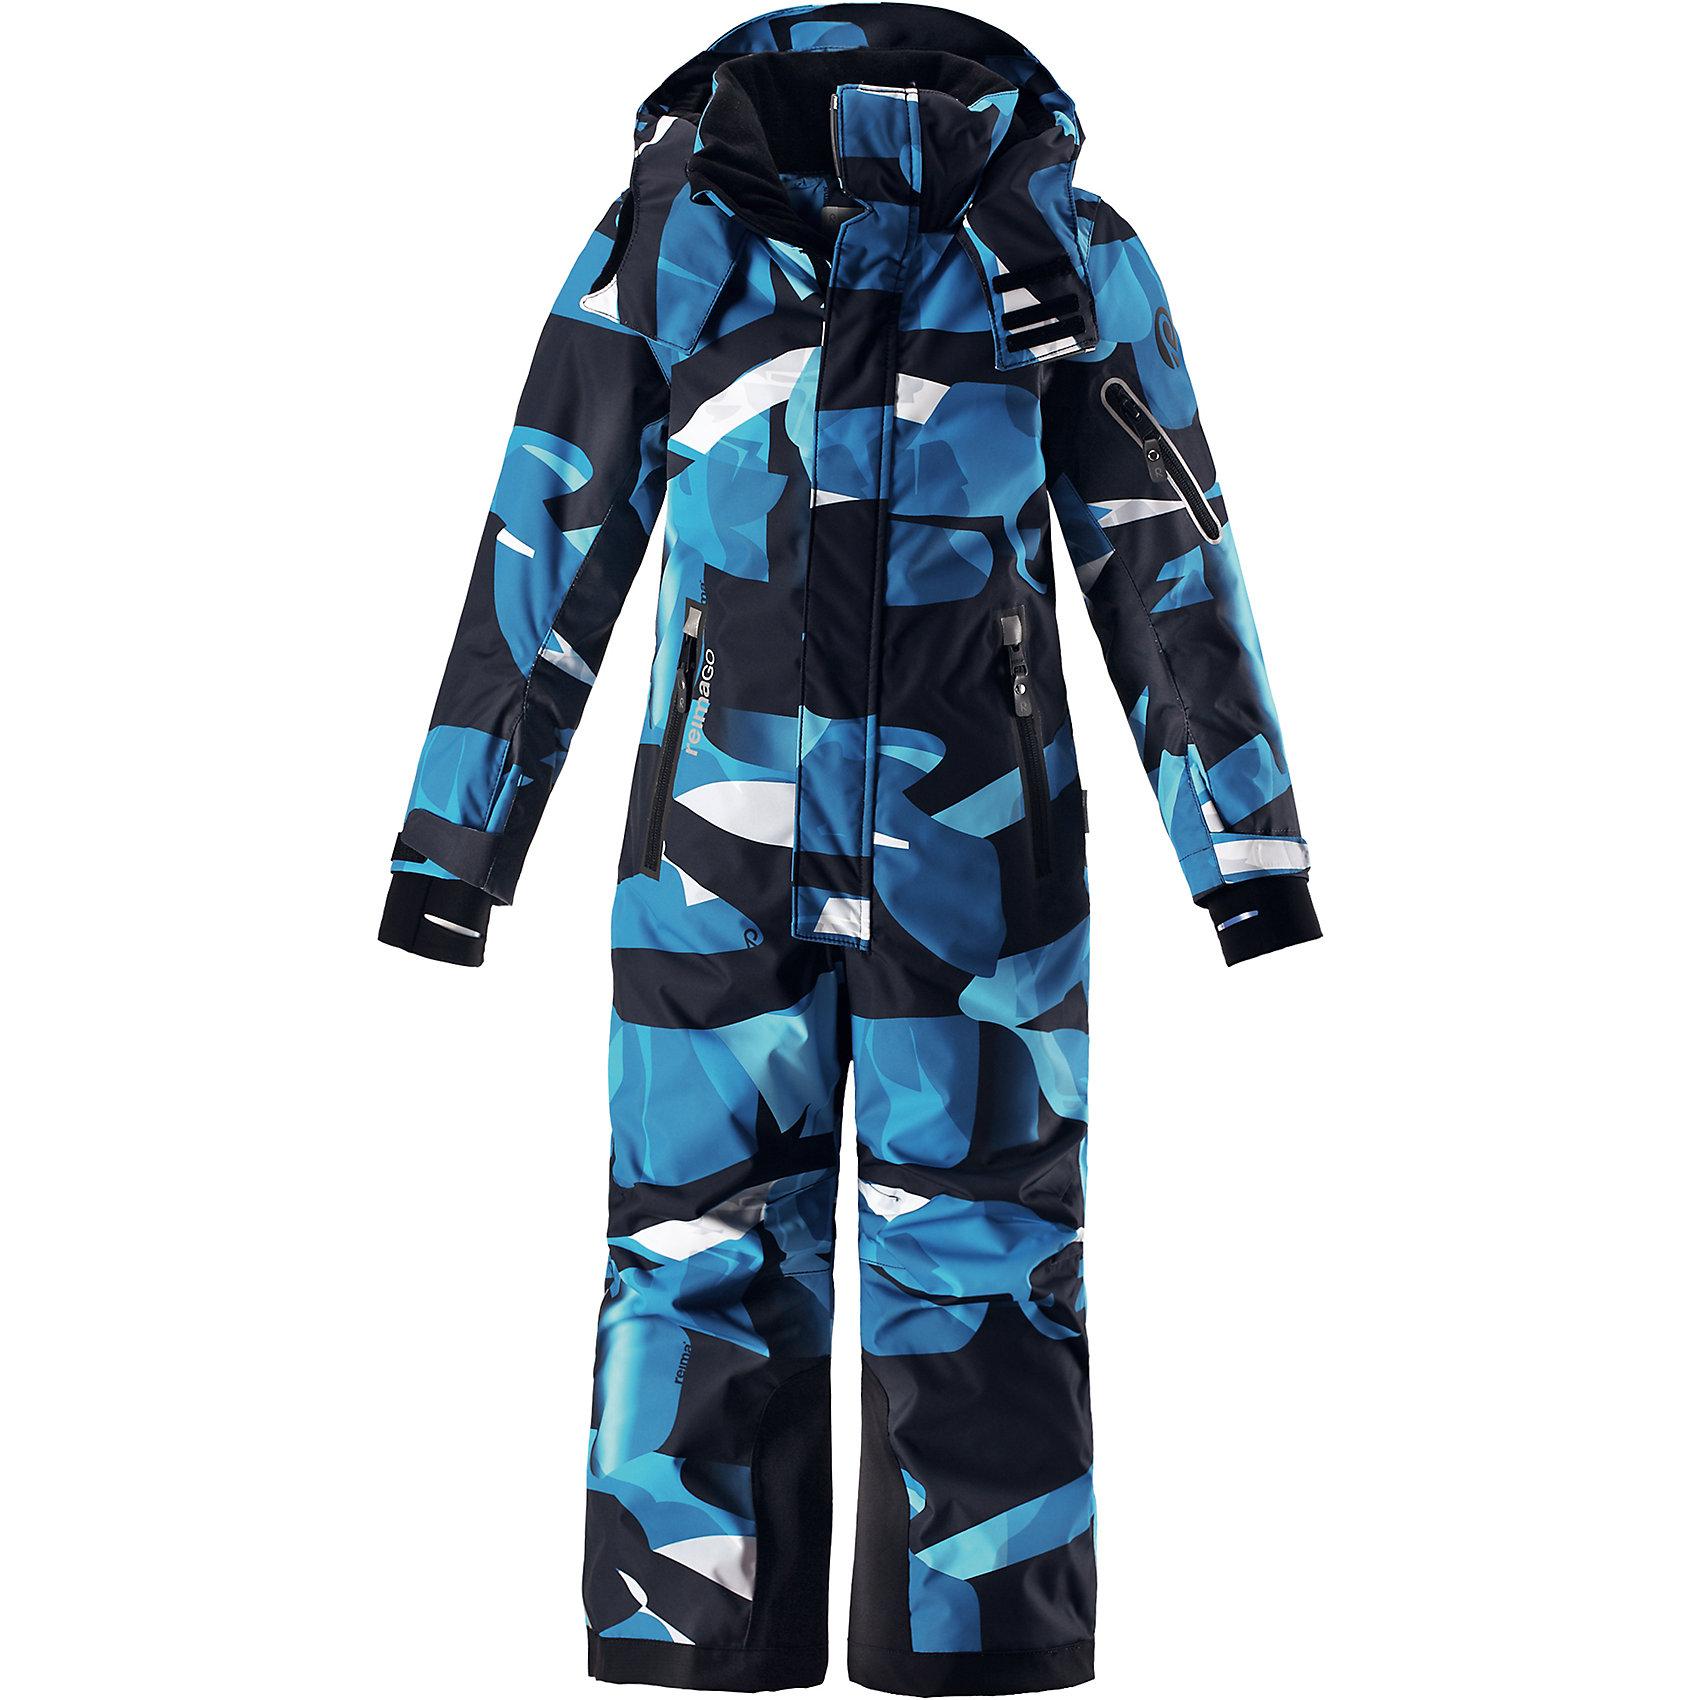 Комбинезон Reimatec® Reima ReachКомбинезоны<br>Характеристики товара:<br><br>• цвет: синий<br>• состав: 100% полиэстер;<br>• подкладка: 100% полиэстер;<br>• утеплитель: 140 г/м2<br>• температурный режим: от 0 до -20С;<br>• сезон: зима; <br>• водонепроницаемость: 15000/12000 мм;<br>• воздухопроницаемость: 8000/7000 мм;<br>• износостойкость: 35000/80000 циклов (тест Мартиндейла);<br>• водо- и ветронепроницаемый, дышащий и грязеотталкивающий материал;<br>• прочные усиленные вставки внизу брючин;<br>• все швы проклеены и водонепроницаемы;<br>• гладкая подкладка из полиэстера;<br>• эластичные манжеты;<br>• застежка: молния с защитой подбородка;<br>• безопасный съемный и регулируемый капюшон на кнопках;<br>• регулируемые манжеты и внутренние манжеты из лайкры;<br>• регулируемый обхват талии;<br>• снегозащитные манжеты на штанинах;<br>• карманы на молнии, карман slipass на рукаве;<br>• кармана с креплением для сенсора ReimaGO®;<br>• светоотражающие детали;<br>• страна бренда: Финляндия;<br>• страна изготовитель: Китай.<br><br>Абсолютно непромокаемый и прочный детский зимний комбинезон Reimatec® с полностью проклеенными швами. Сверхпрочные усиления на концах брючин. Этот практичный комбинезон изготовлен из ветронепроницаемого и дышащего материала, поэтому вашему ребенку будет тепло и сухо, к тому же он не вспотеет. Комбинезон снабжен гладкой подкладкой из полиэстера. <br><br>В этом комбинезоне прямого кроя талия при необходимости легко регулируется, что позволяет подогнать комбинезон точно по фигуре. Кроме того, он снабжен регулируемыми манжетами и внутренними манжетами из лайкры. Съемный и регулируемый капюшон защищает от пронизывающего ветра, а еще он безопасен во время игр на свежем воздухе. Кнопки легко отстегиваются, если капюшон случайно за что-нибудь зацепится. <br><br>Два кармана на молнии, карман для лыжной карты и специальный карман для сенсора ReimaGO®. Материал имеет грязеотталкивающую поверхность, и при этом его можно сушить в сушильной машине. Светоотражающие 